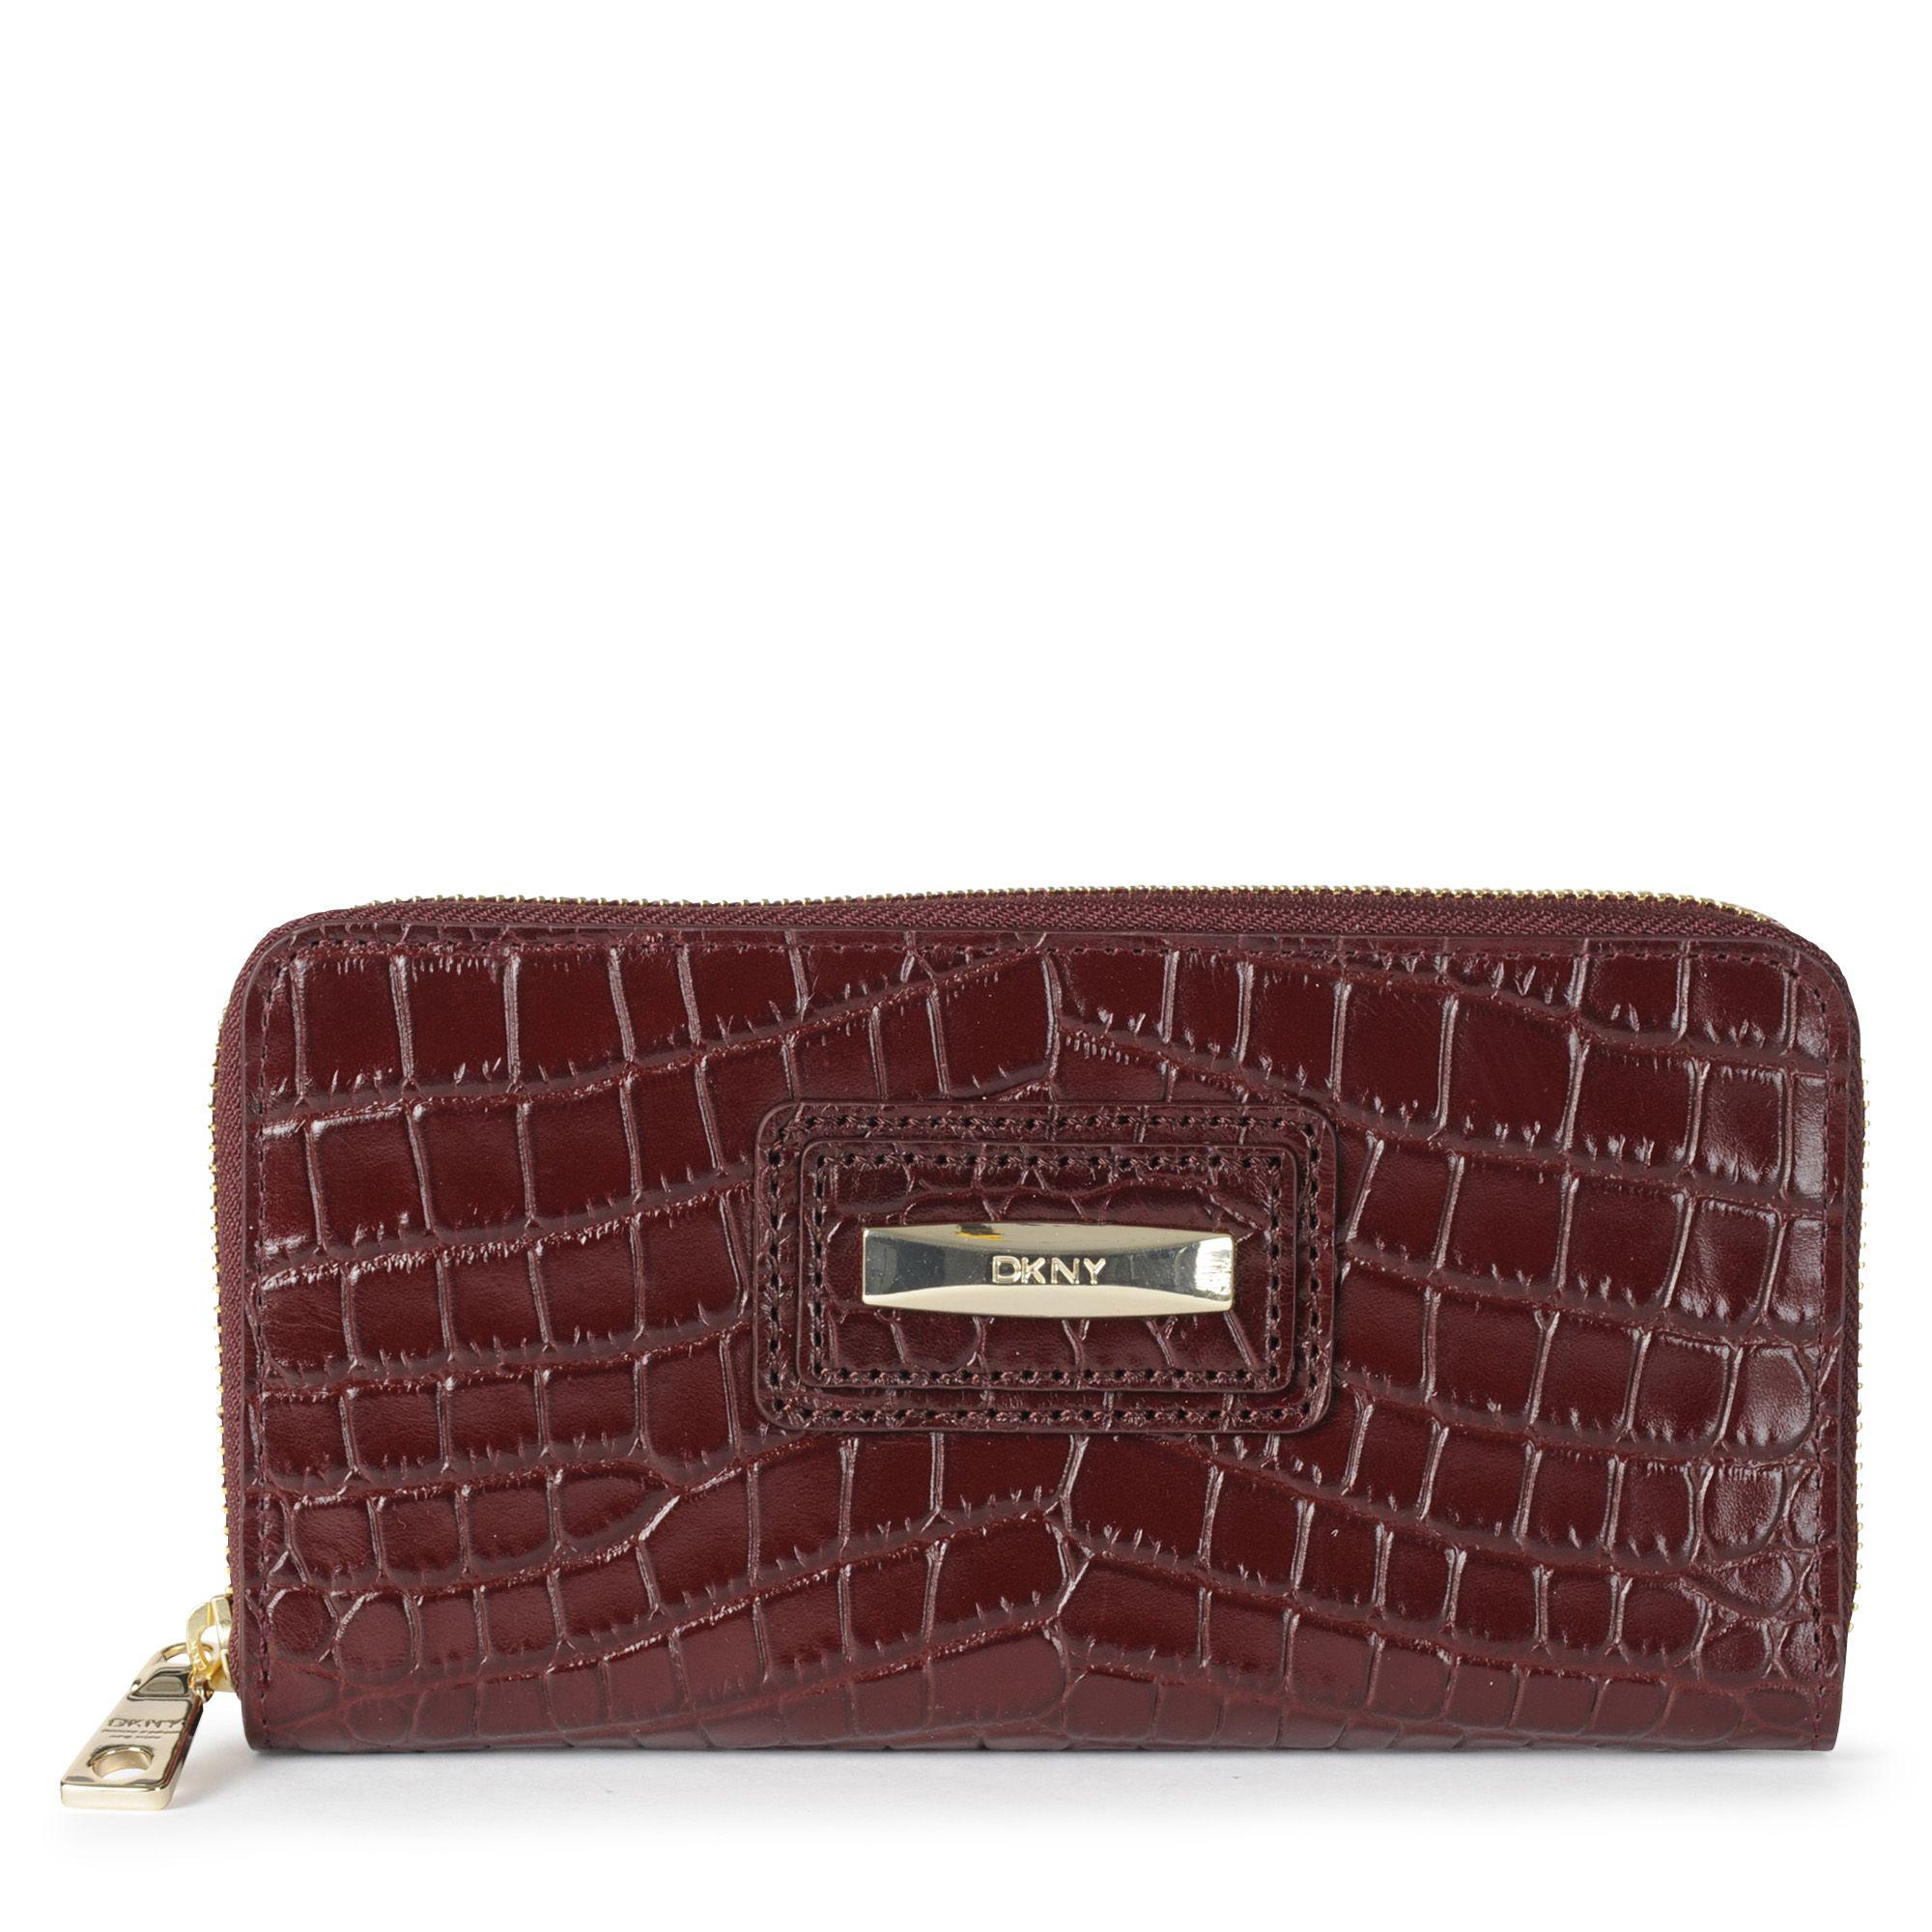 DKNY Donna Karan Gansevoort Quilted Leather Zip Around Wallet Purse burgundy